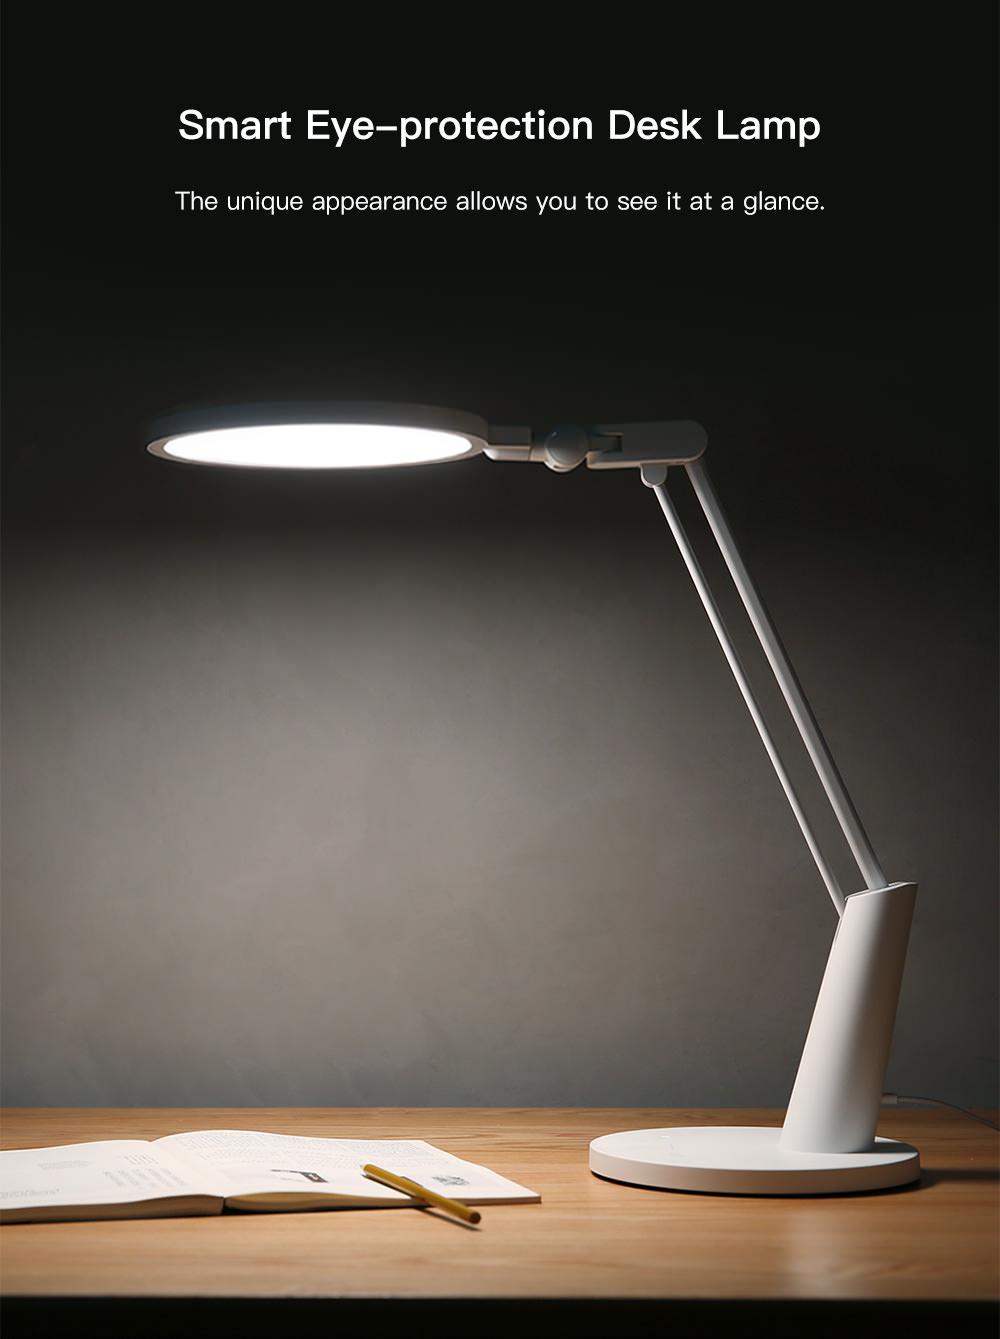 xiaomi yeelight smart eye-protection desk lamp